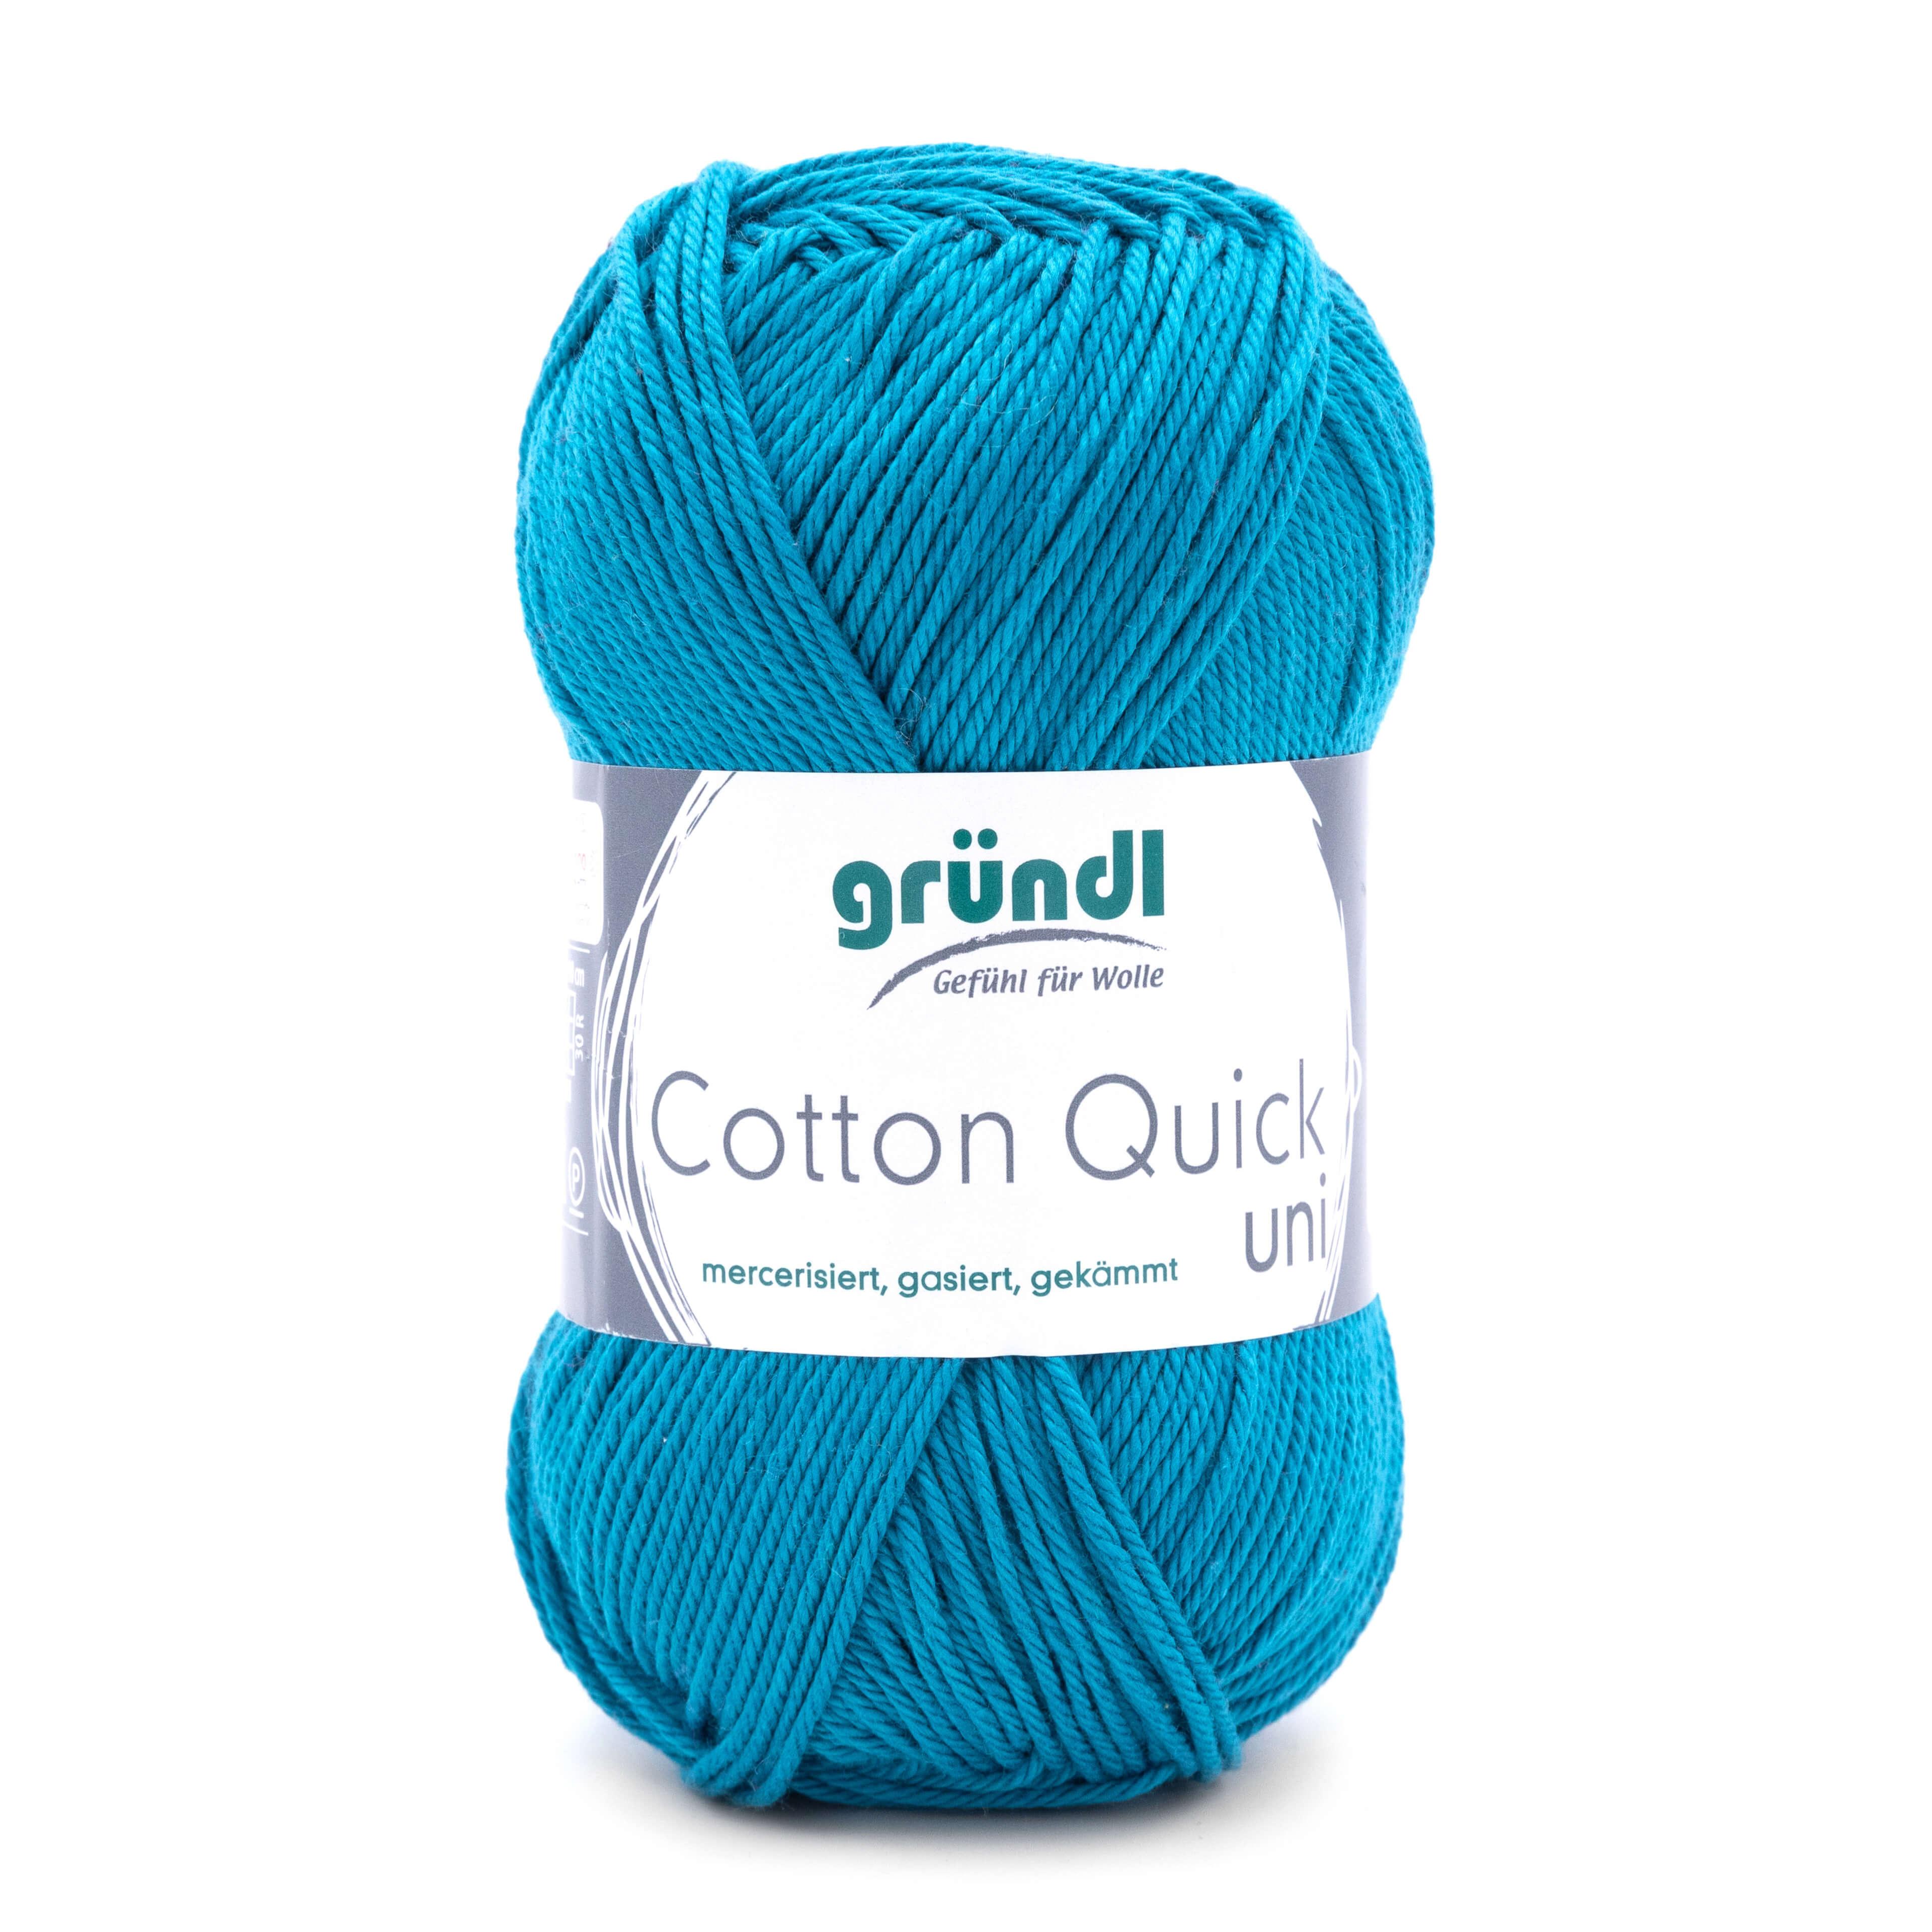 Gründl Cotton quick uni, Wolle zum Stricken aus 100% Baumwolle, mercerisiert, gasiert und gekämmt. Ideal für Amigurumi und Handarbeitsprojekte aller Art.